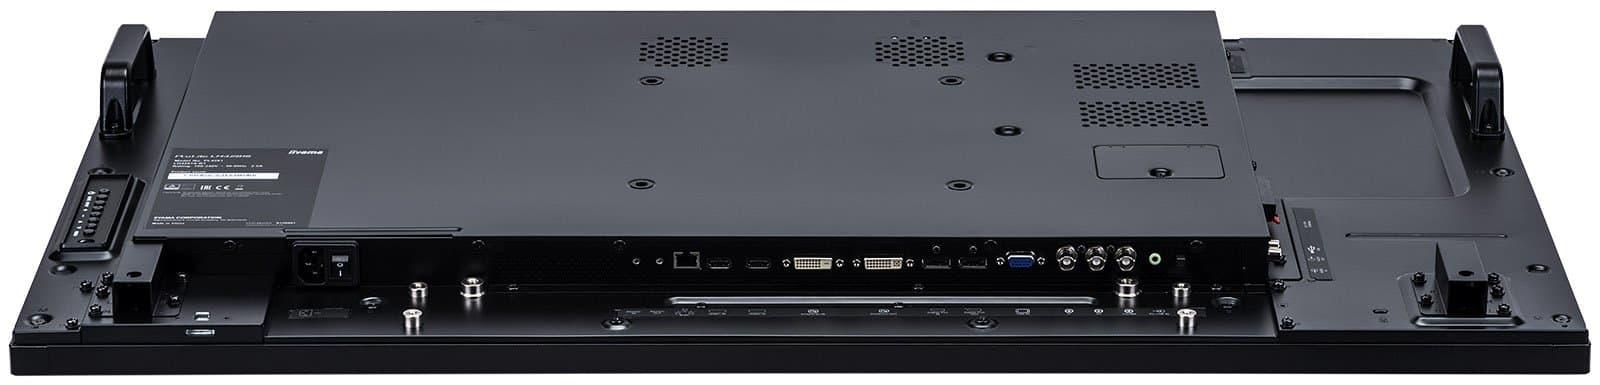 IIYAMA 42 inch LCD Commercial Grade IPS Panel